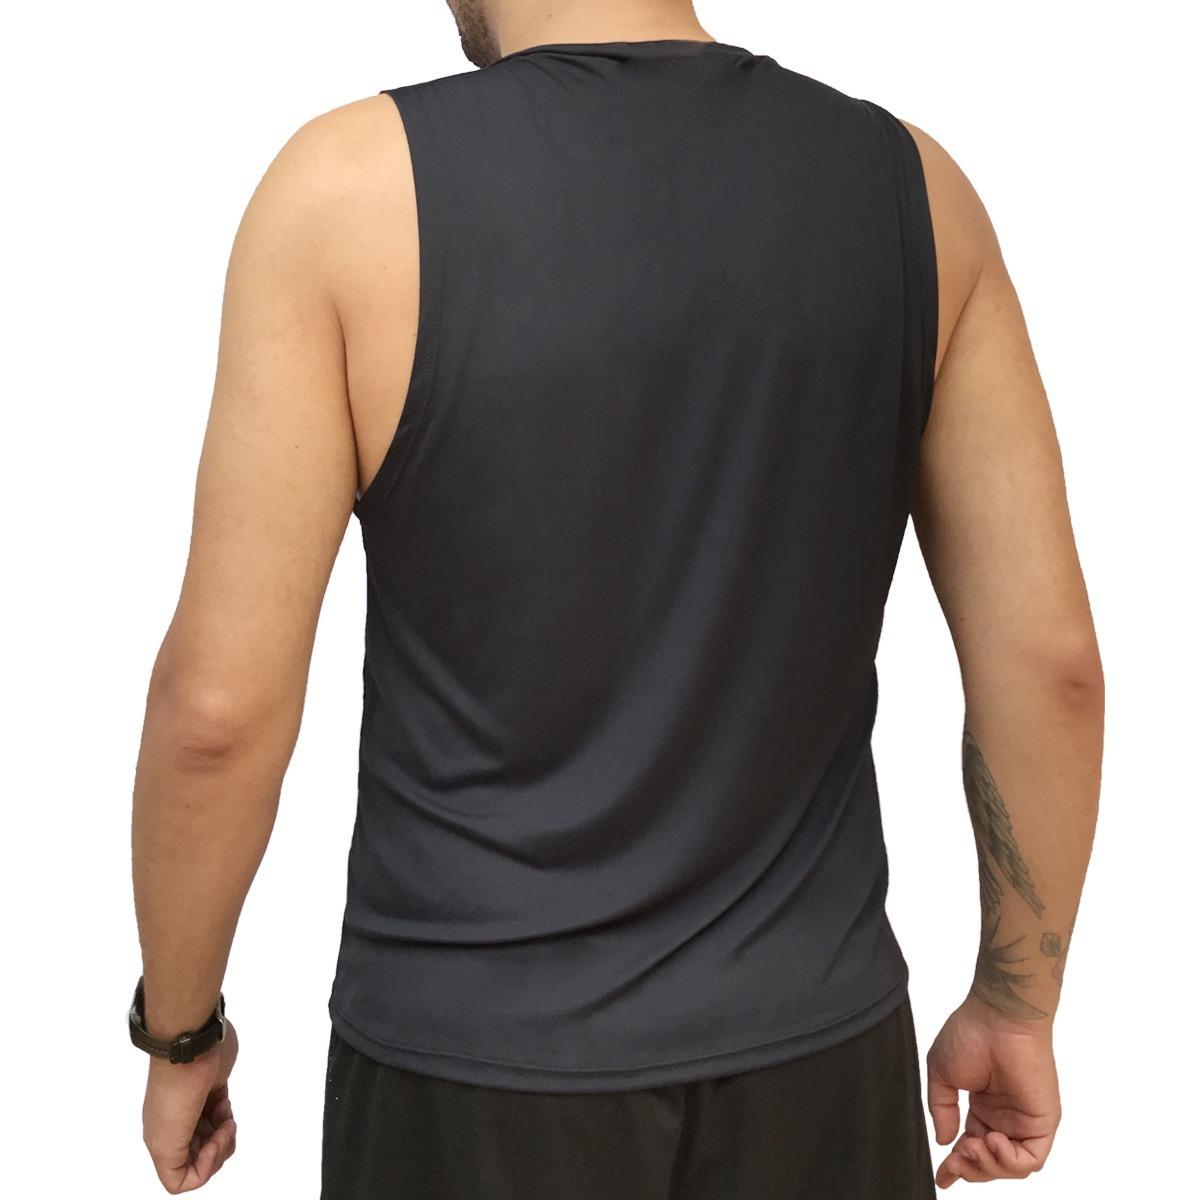 07dc0a4e5f134 6 camisetas regata masculina dry fit 100% poliamida fitness. Carregando zoom .